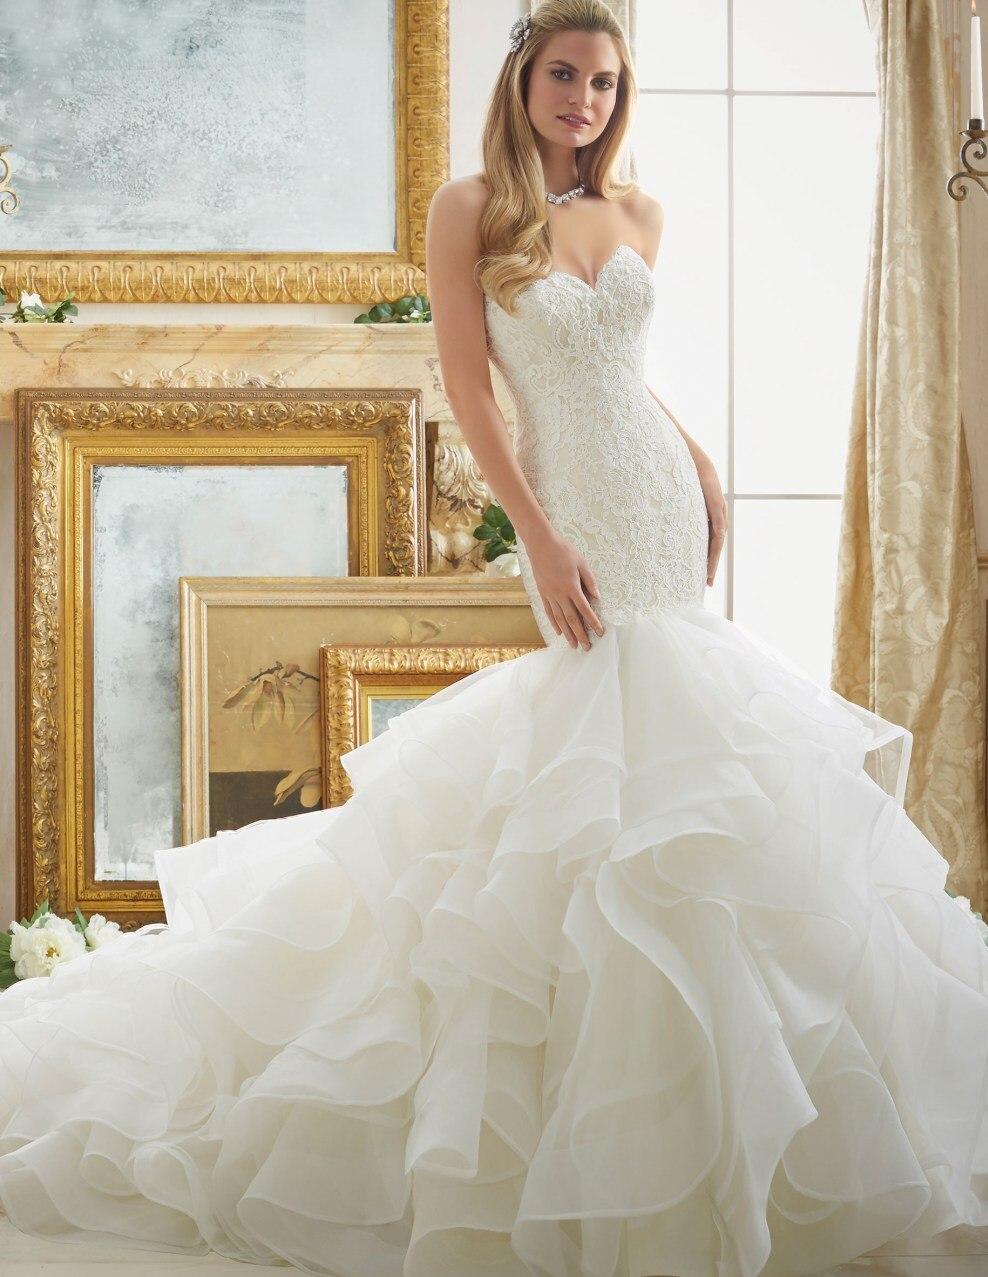 Schön Rustikale Vintage Hochzeitskleid Fotos - Brautkleider Ideen ...